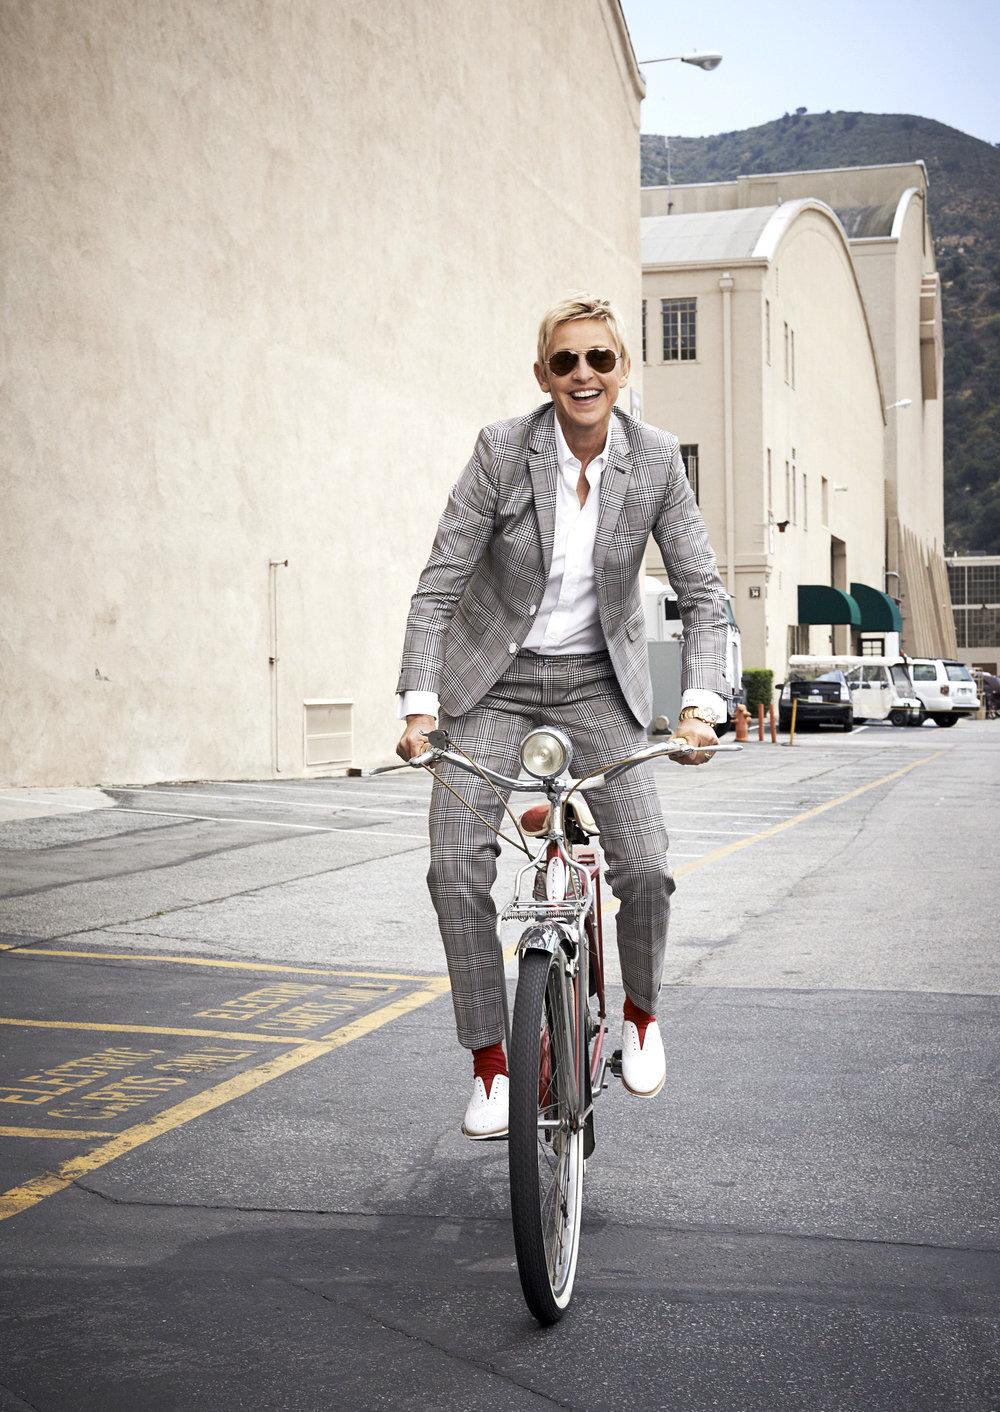 Ellen_bike.jpg